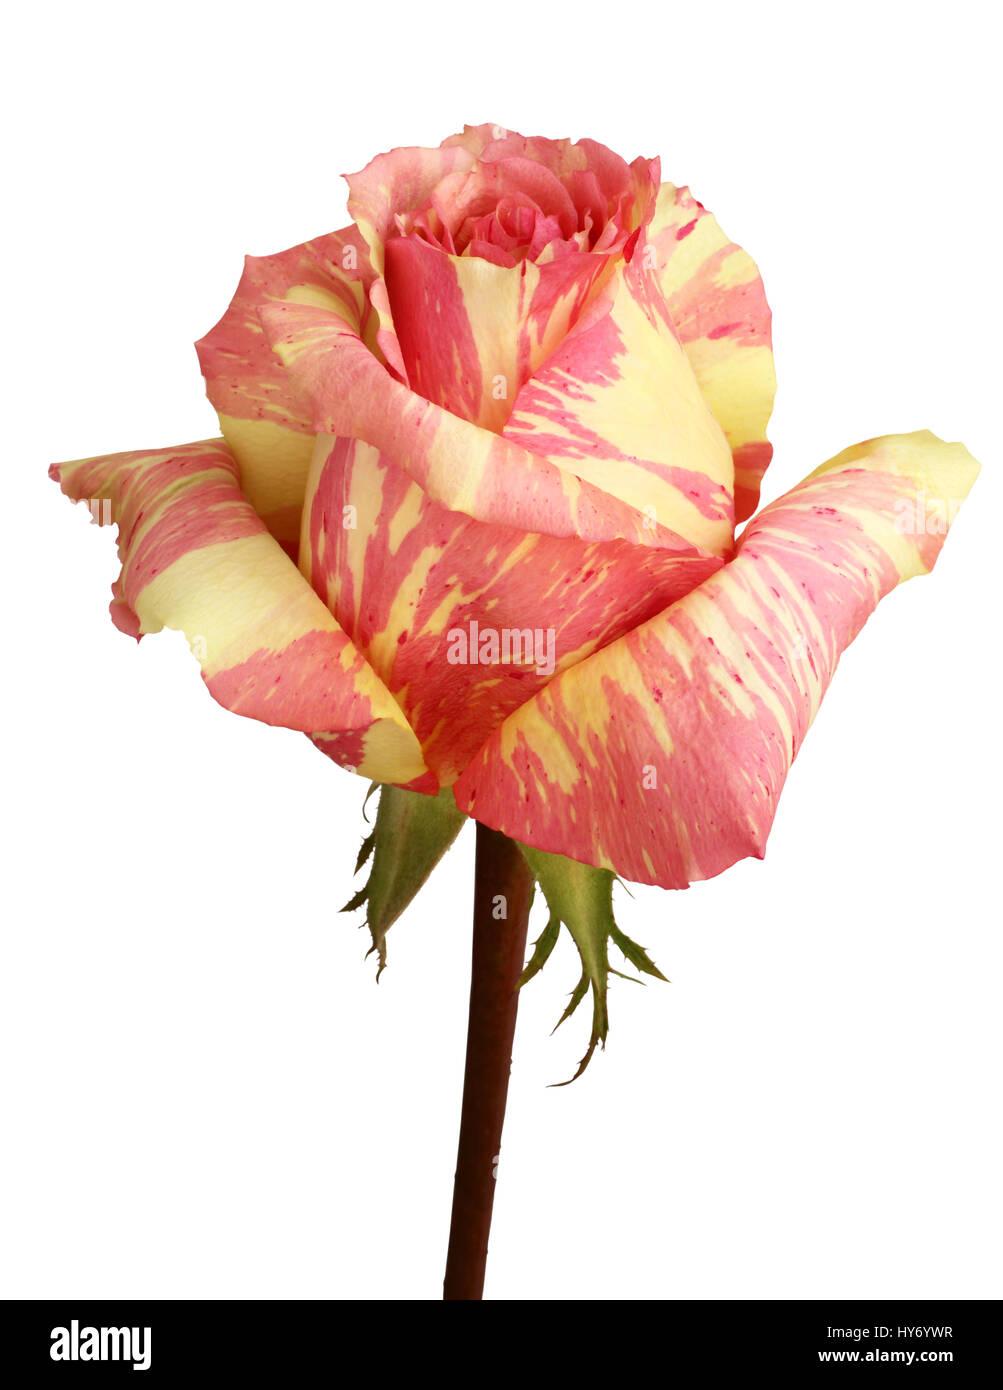 Rosa Con Marmo Giallo Rosa Su Sfondo Bianco Foto Immagine Stock